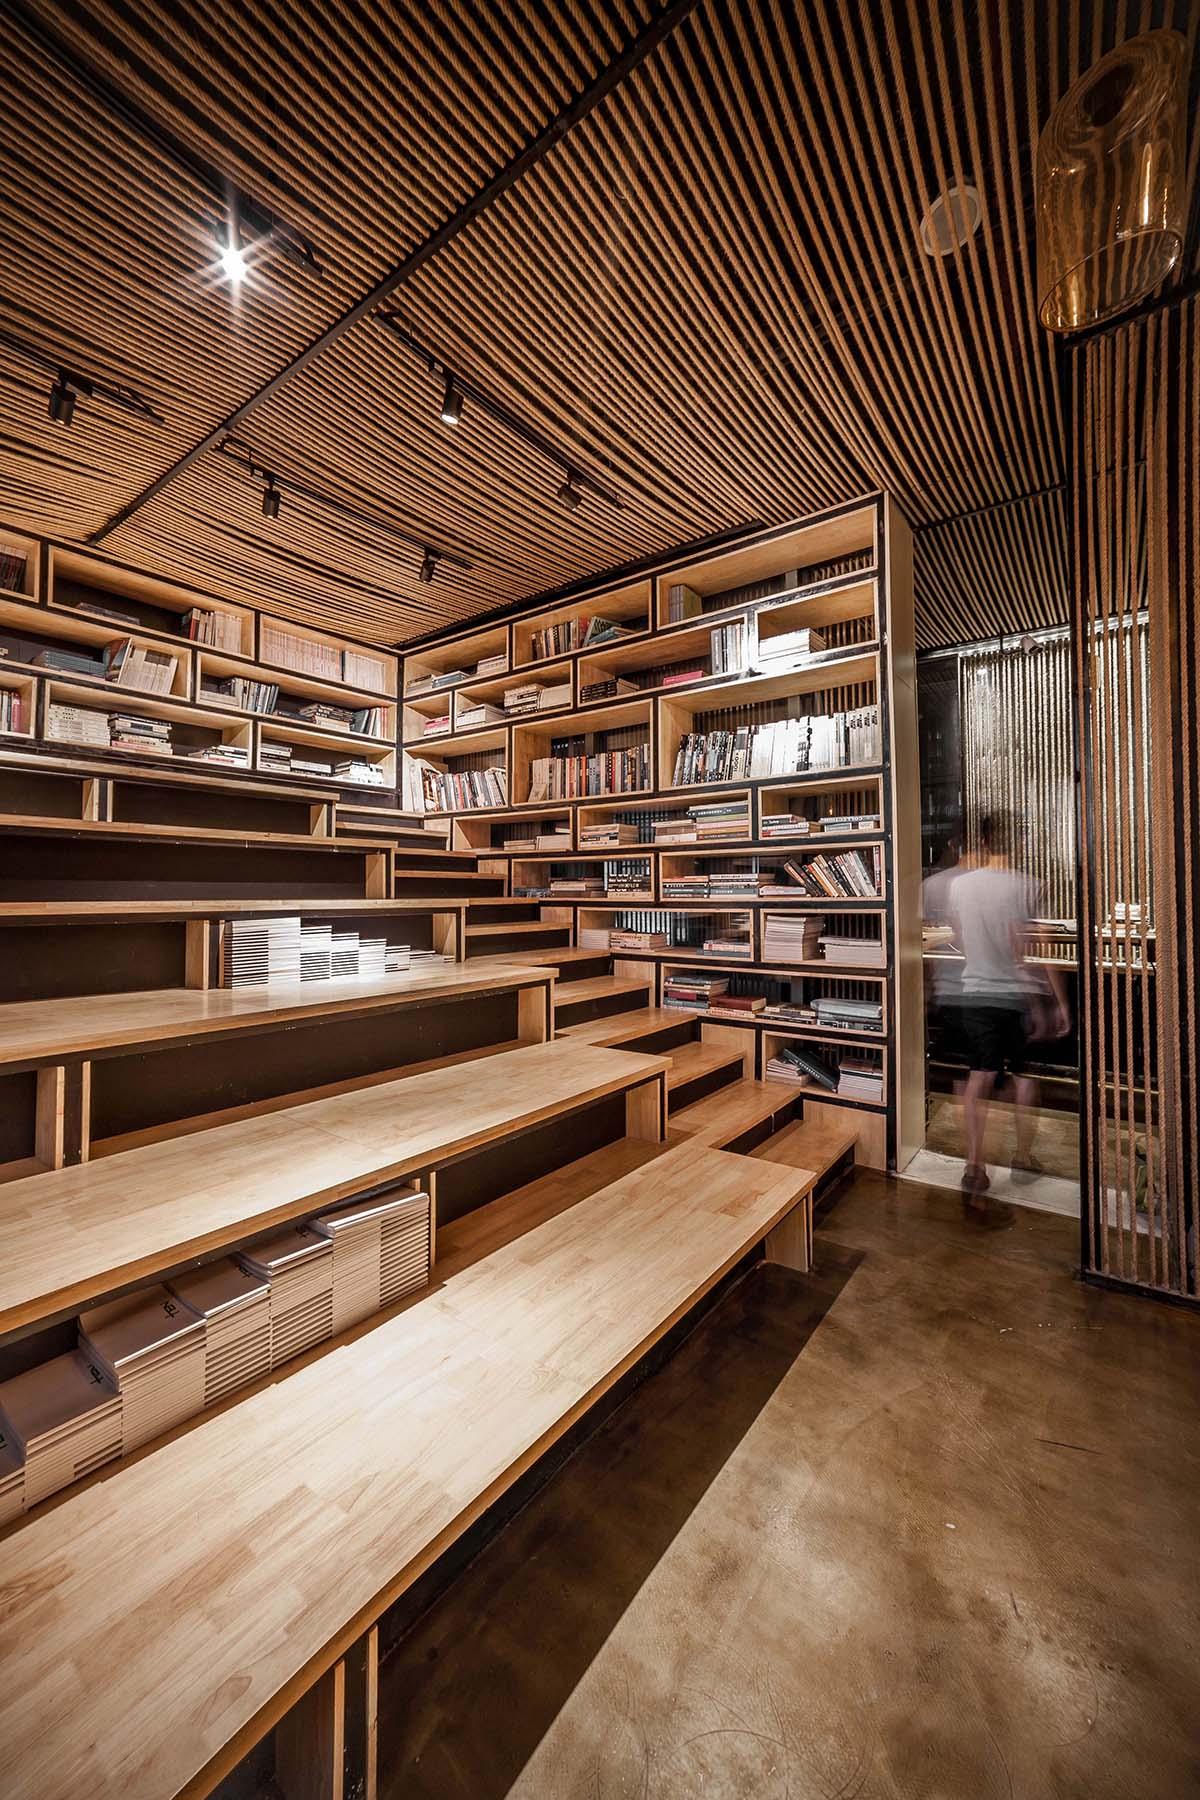 07_台阶图书区_Reading Staircase.jpg